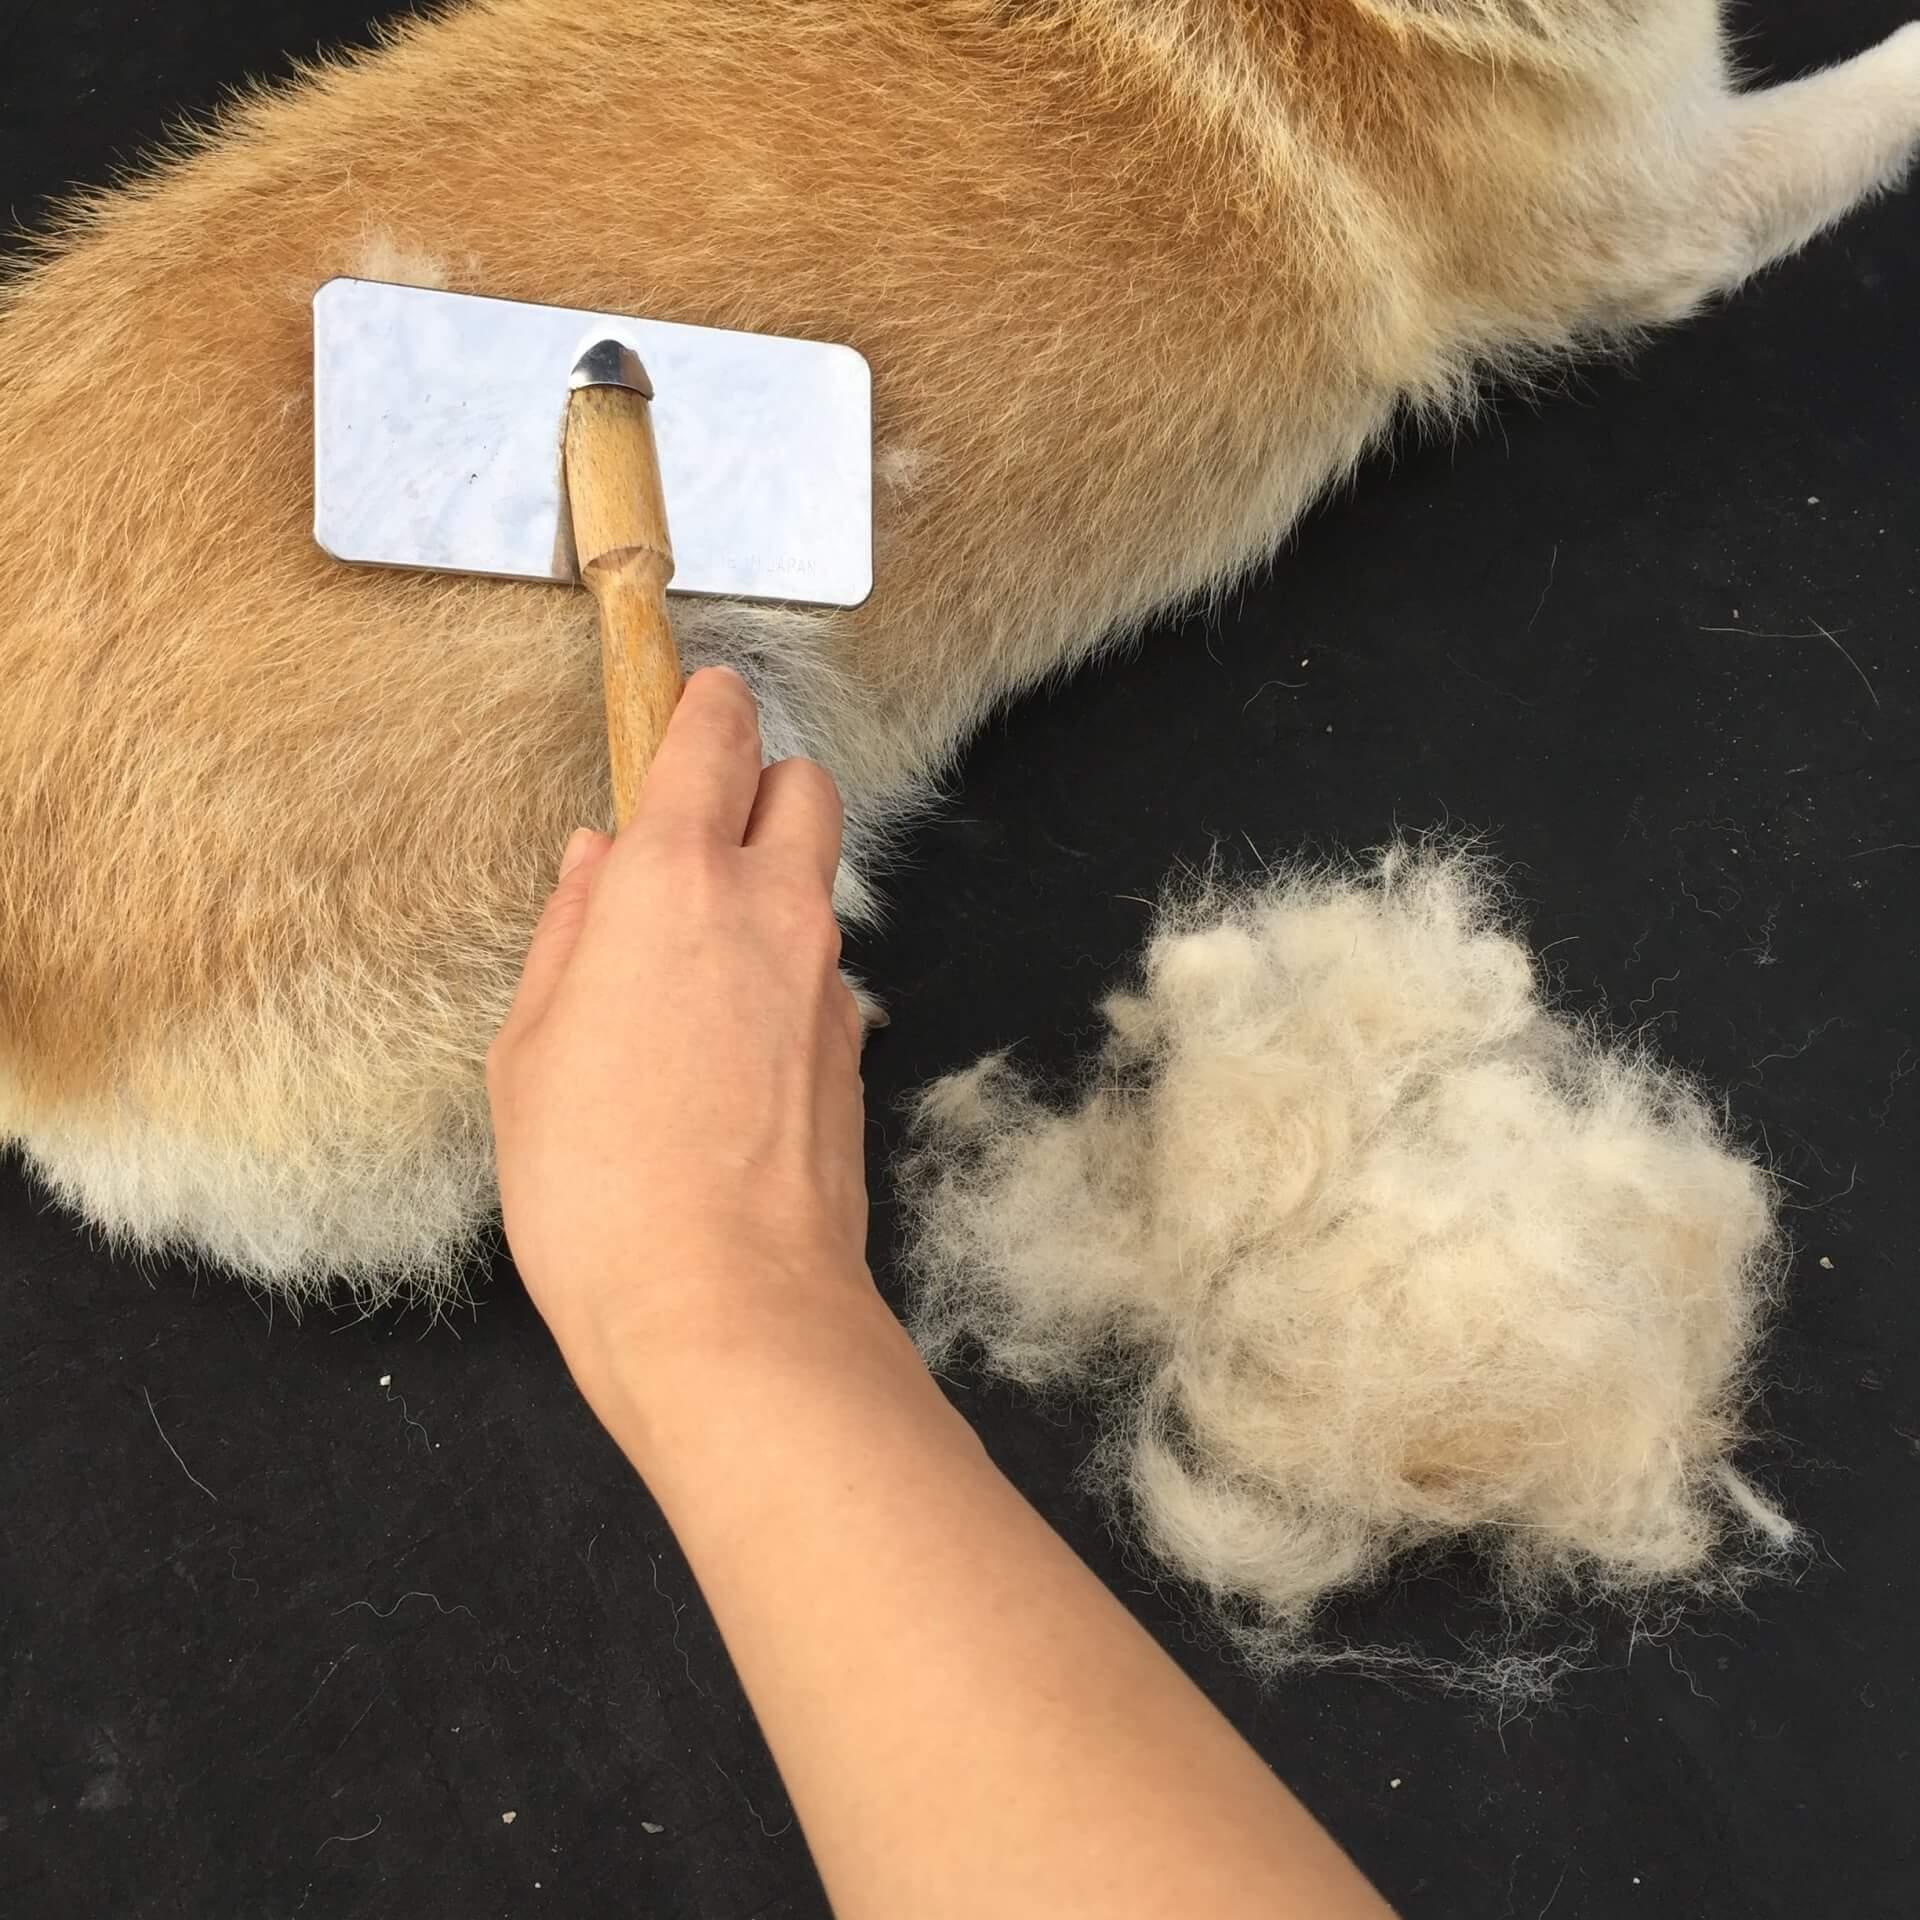 犬のいる家庭でルンバを使うメリット 犬の抜け毛やお散歩の砂まで自動的にきれいになる